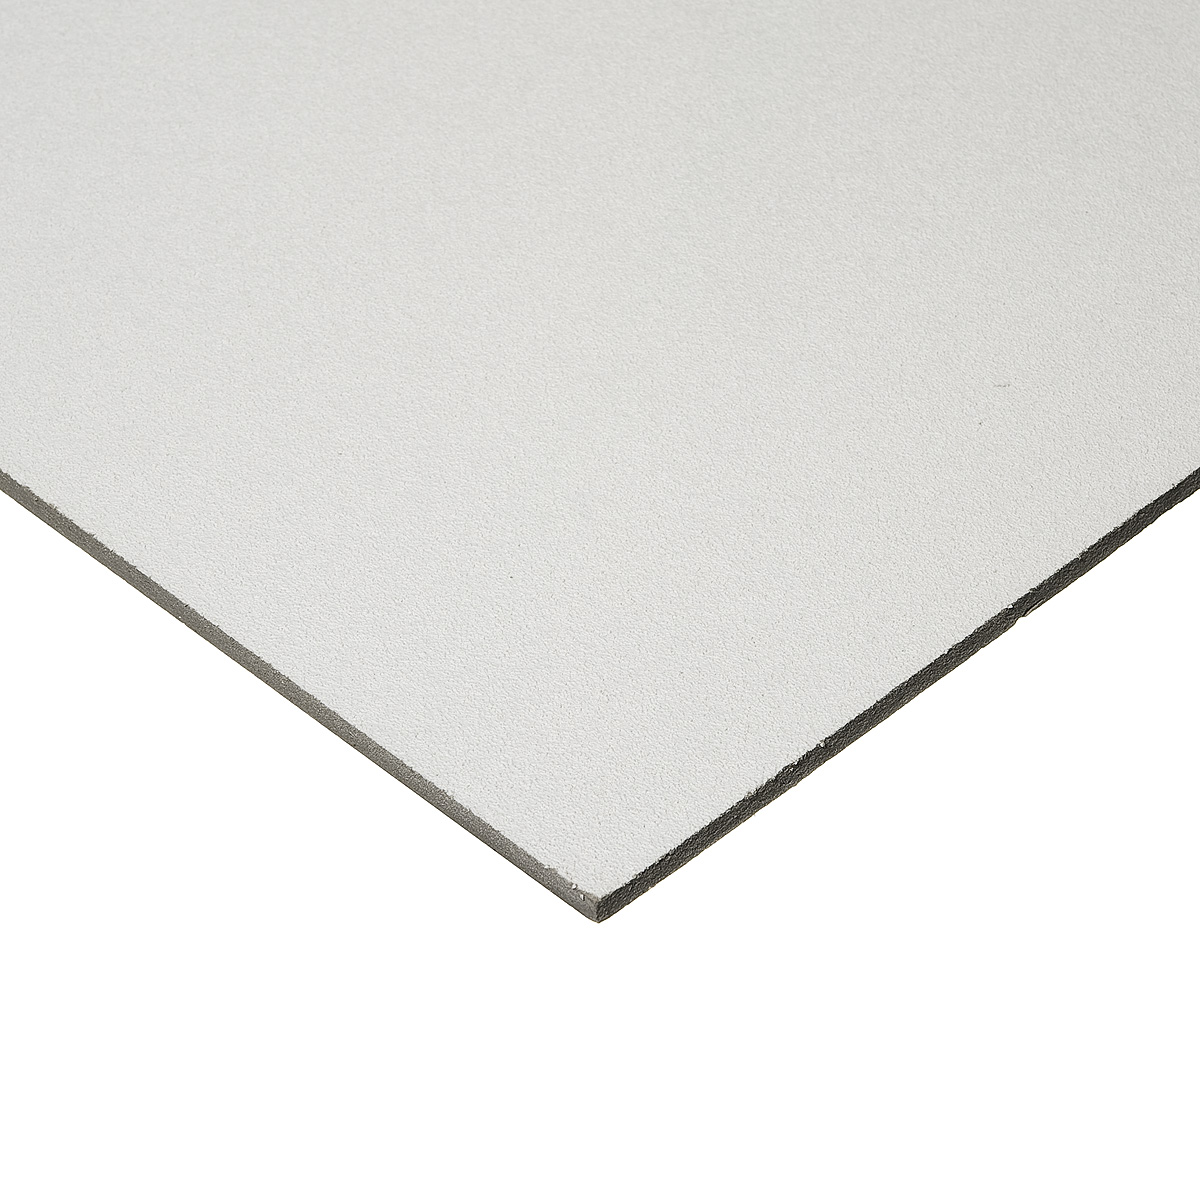 Плита к подвесному потолку  Оазис (кромка Board) 600х600х12 мм